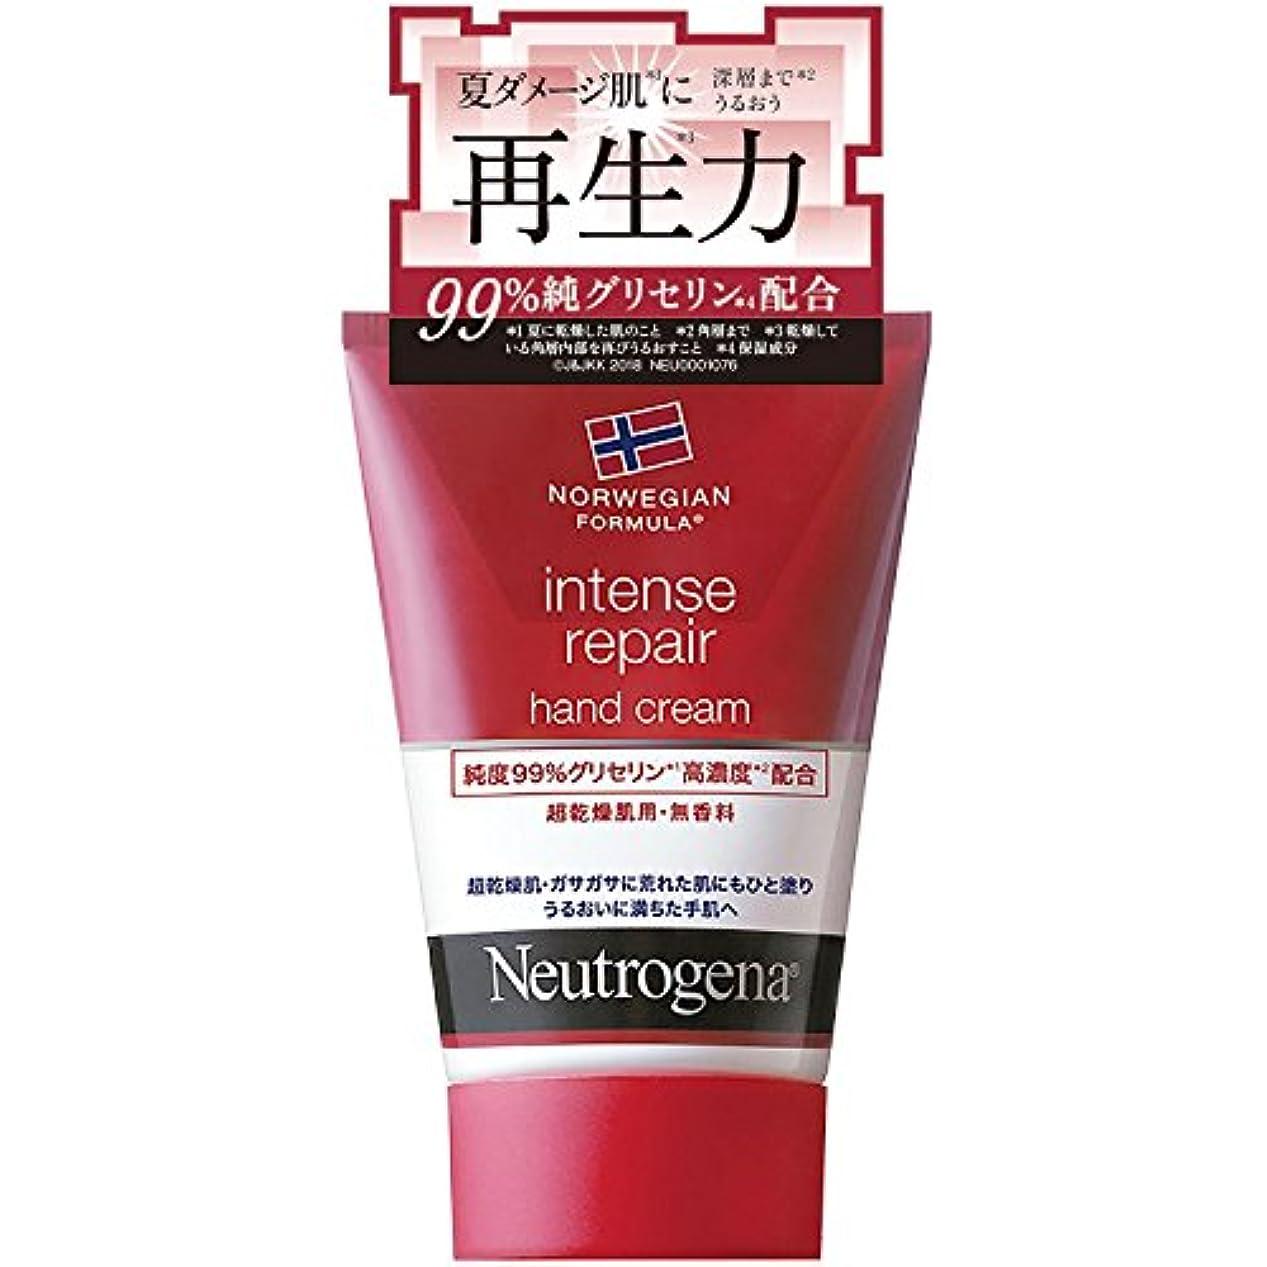 無視するセーブめまいがNeutrogena(ニュートロジーナ) ノルウェーフォーミュラ インテンスリペア ハンドクリーム 超乾燥肌用 無香料 単品 50g